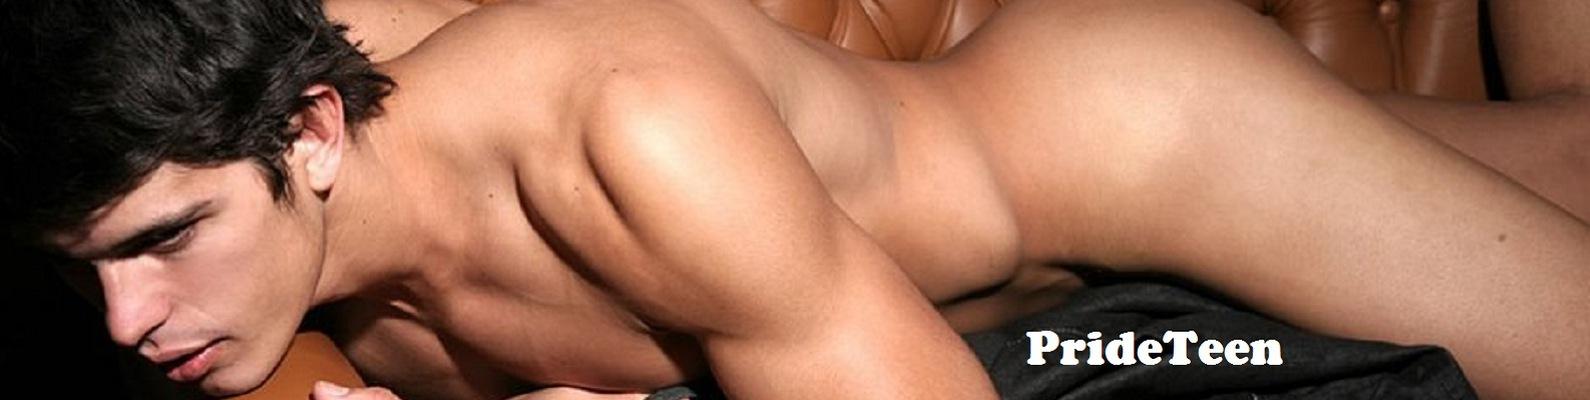 Самые красивые голые мужчины мира боссом русское